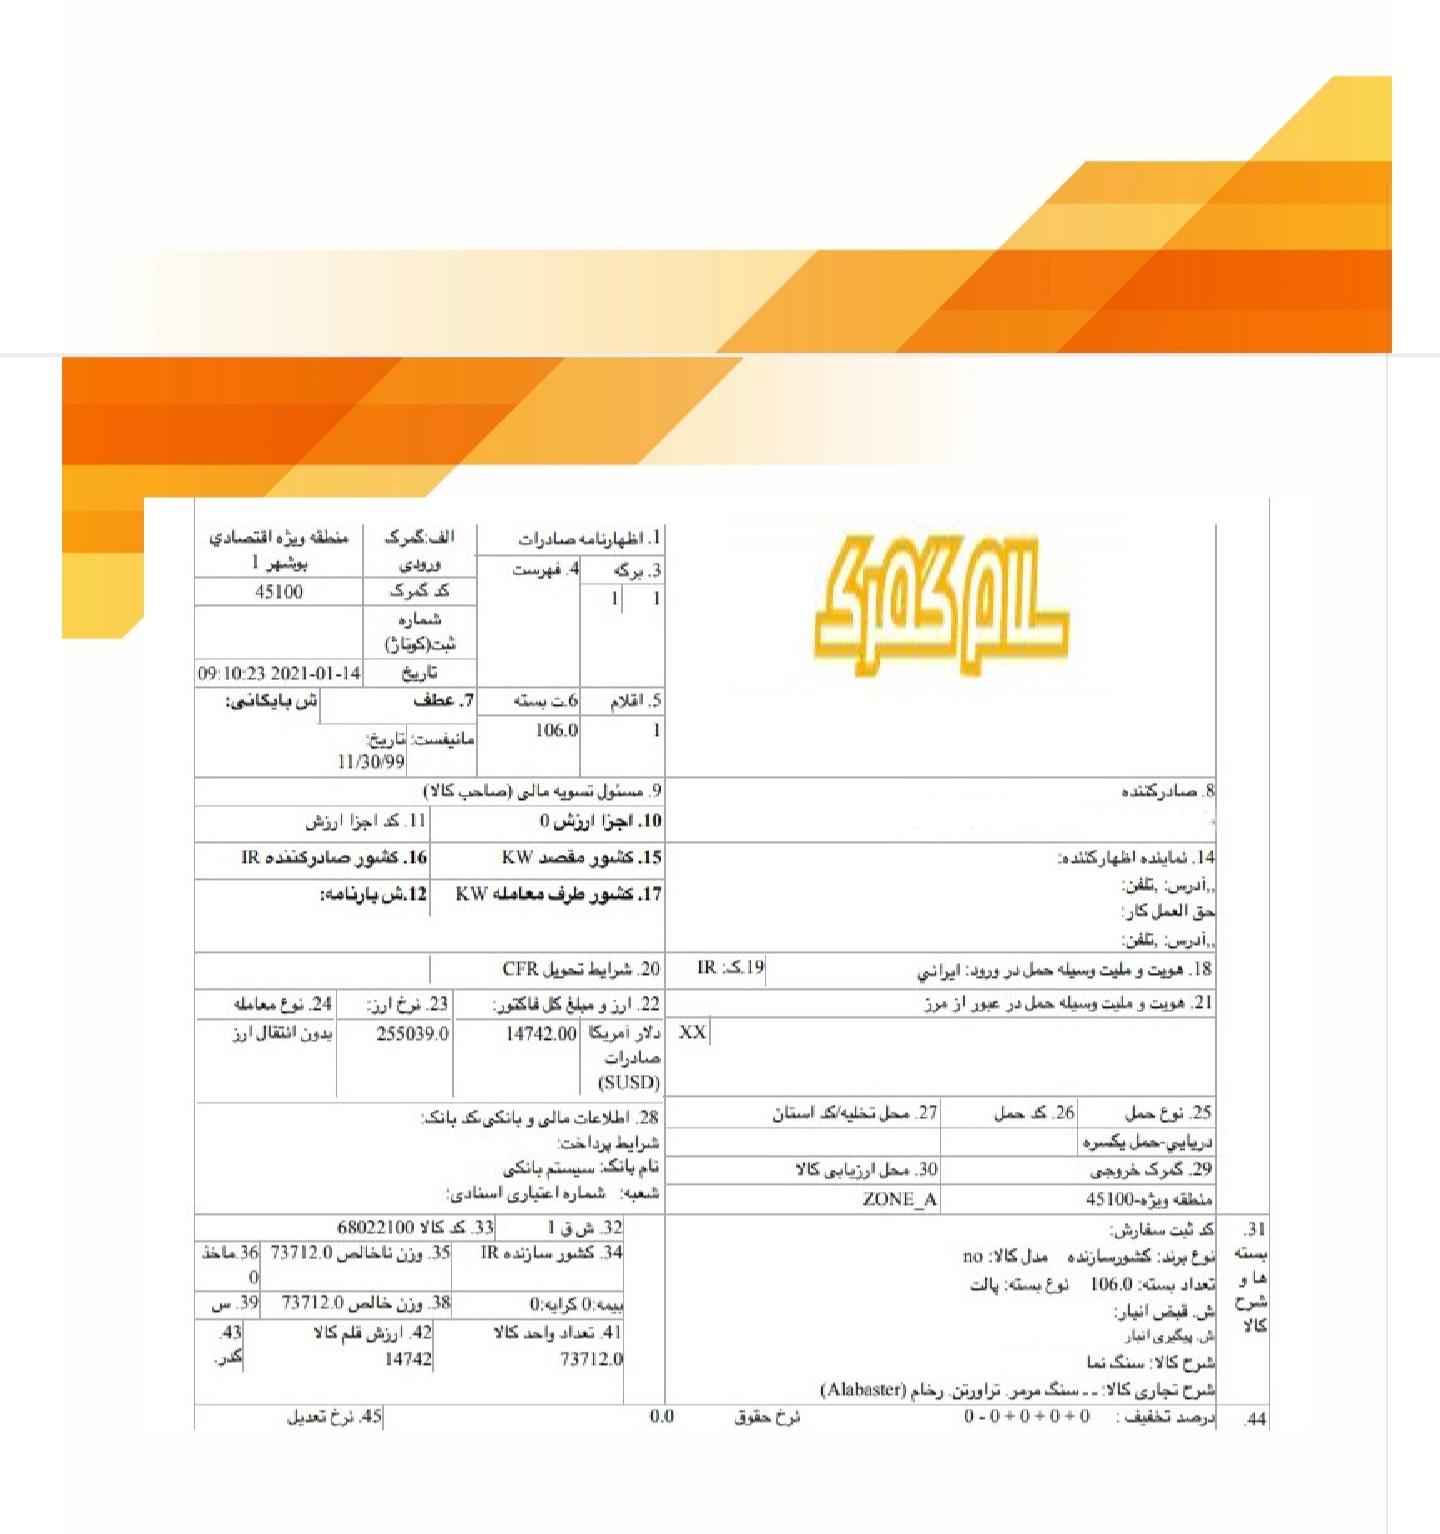 مزایای تجارت و صادرات سنگ از گمرک بوشهر